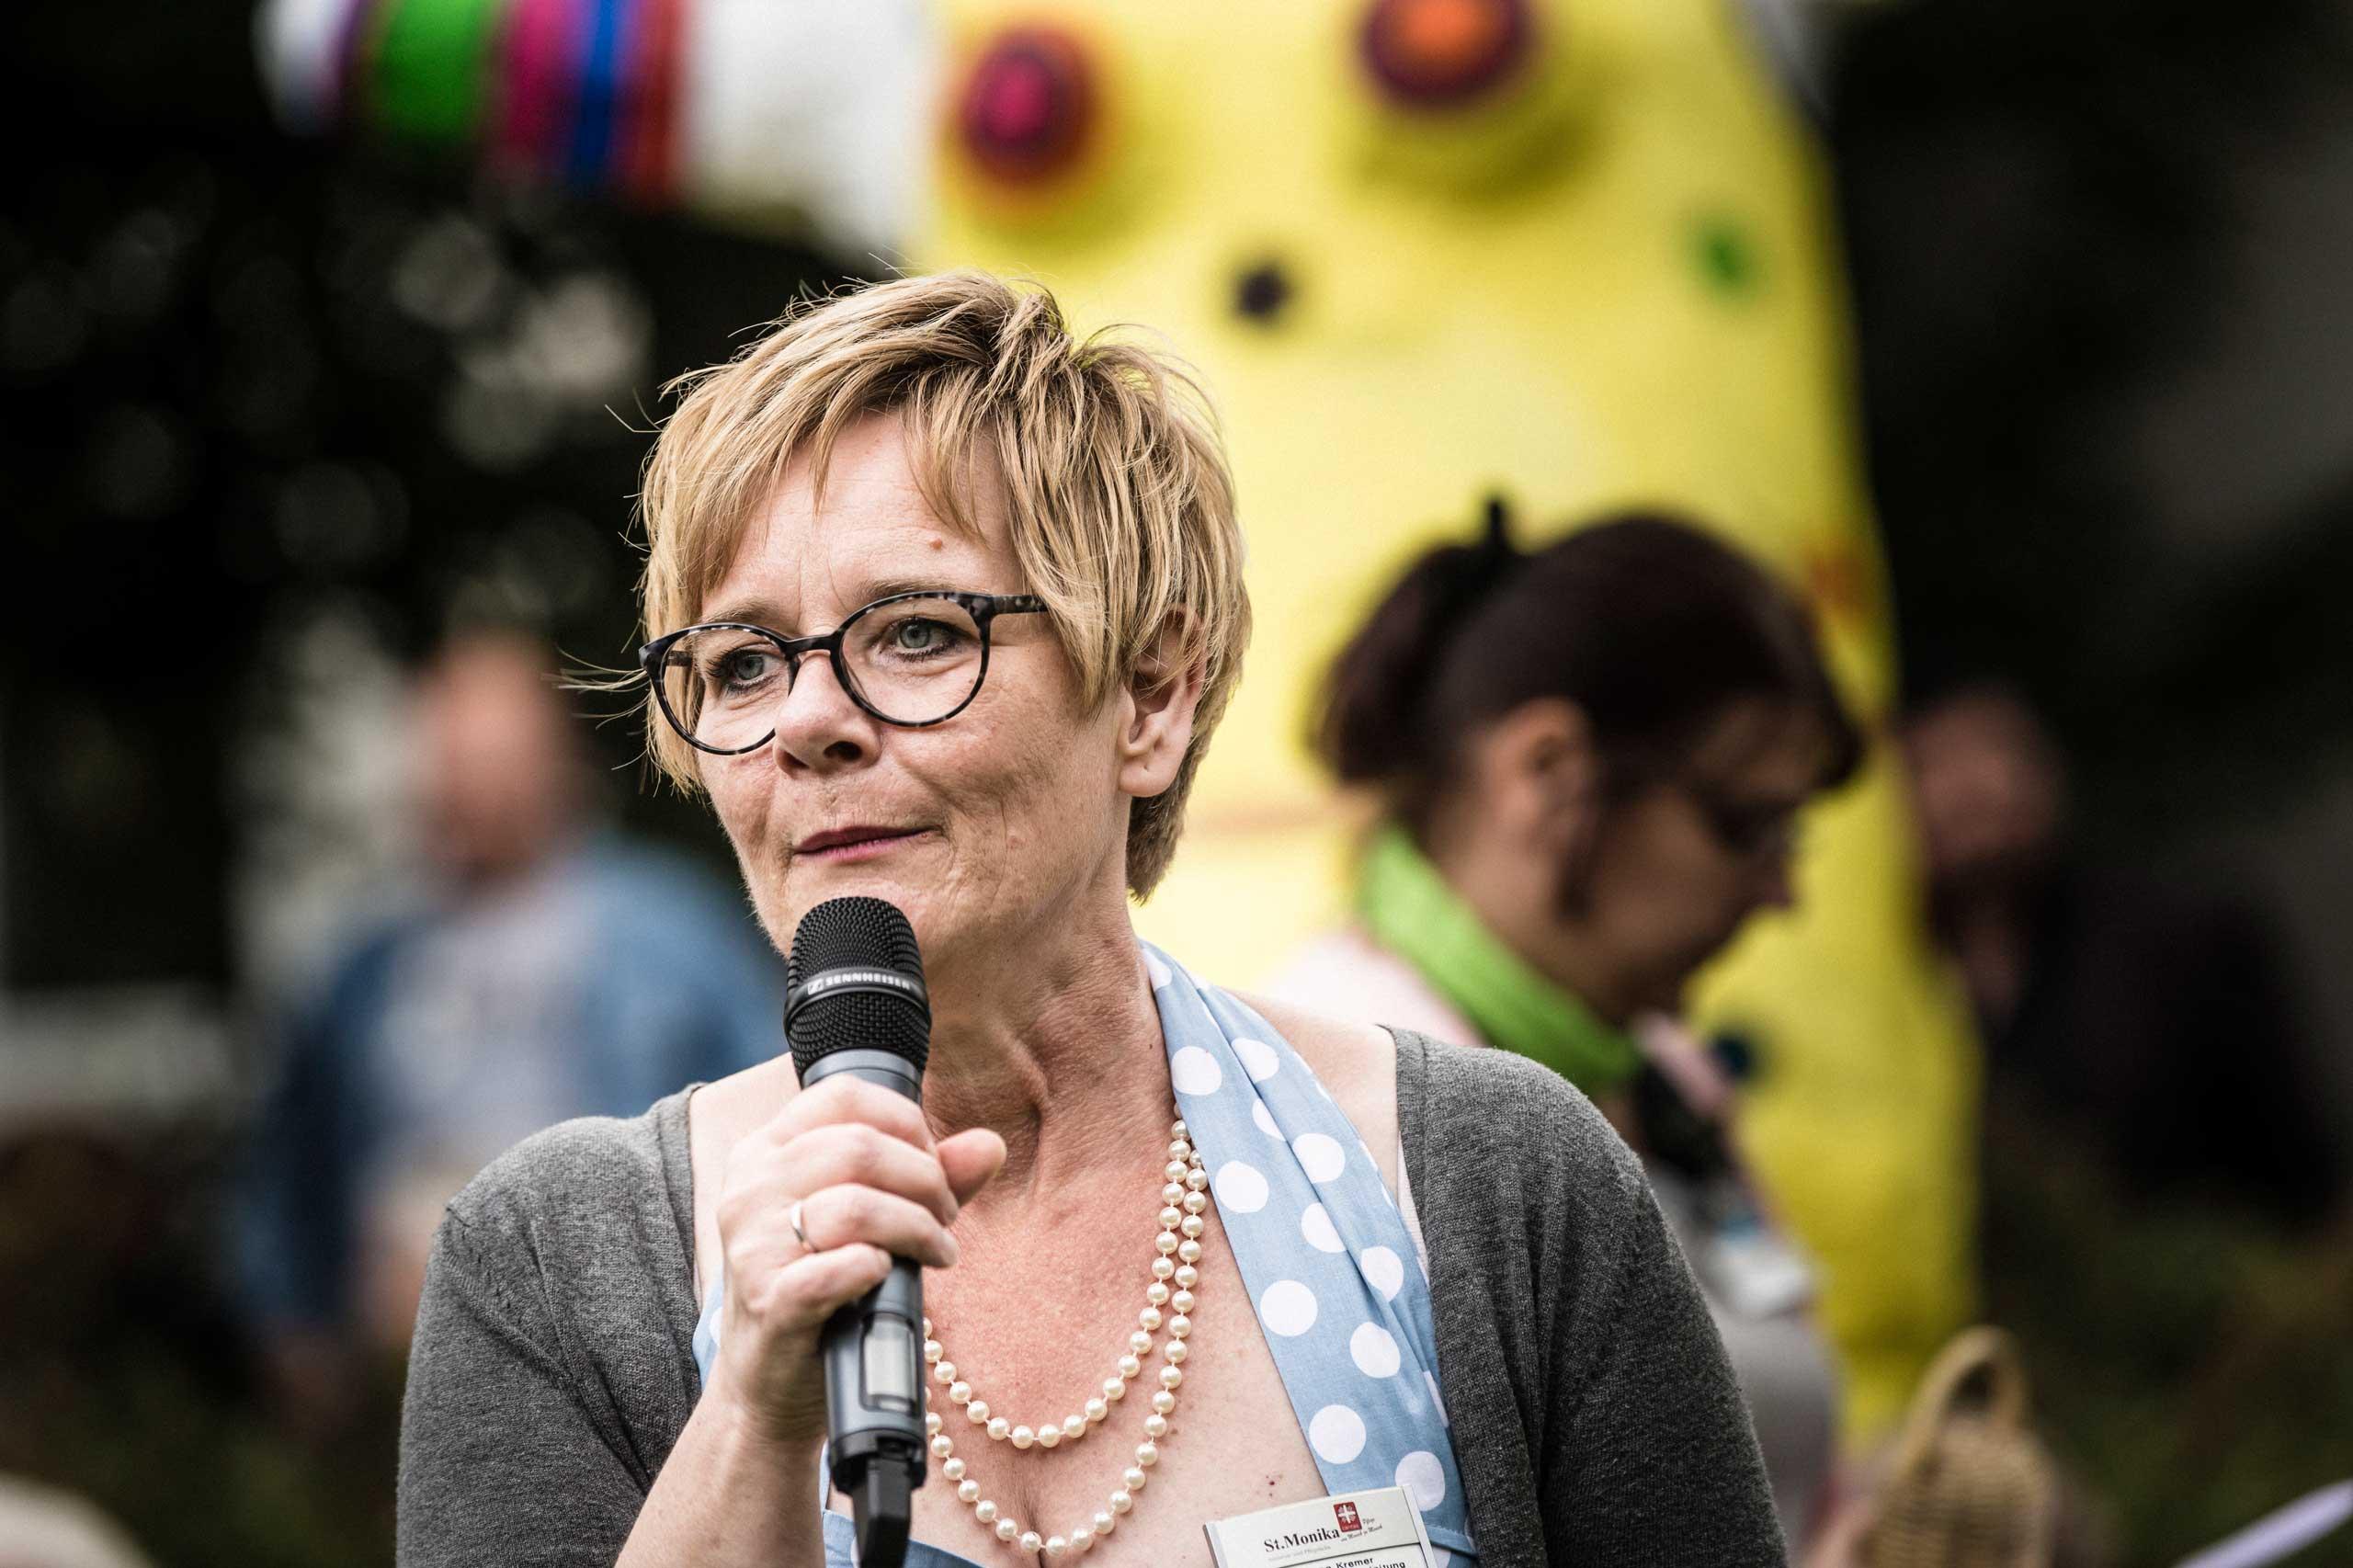 Sommerfest-Ankündigung-Freude-Schöner-Götterfunke-Wir-Sind-Altenpflege